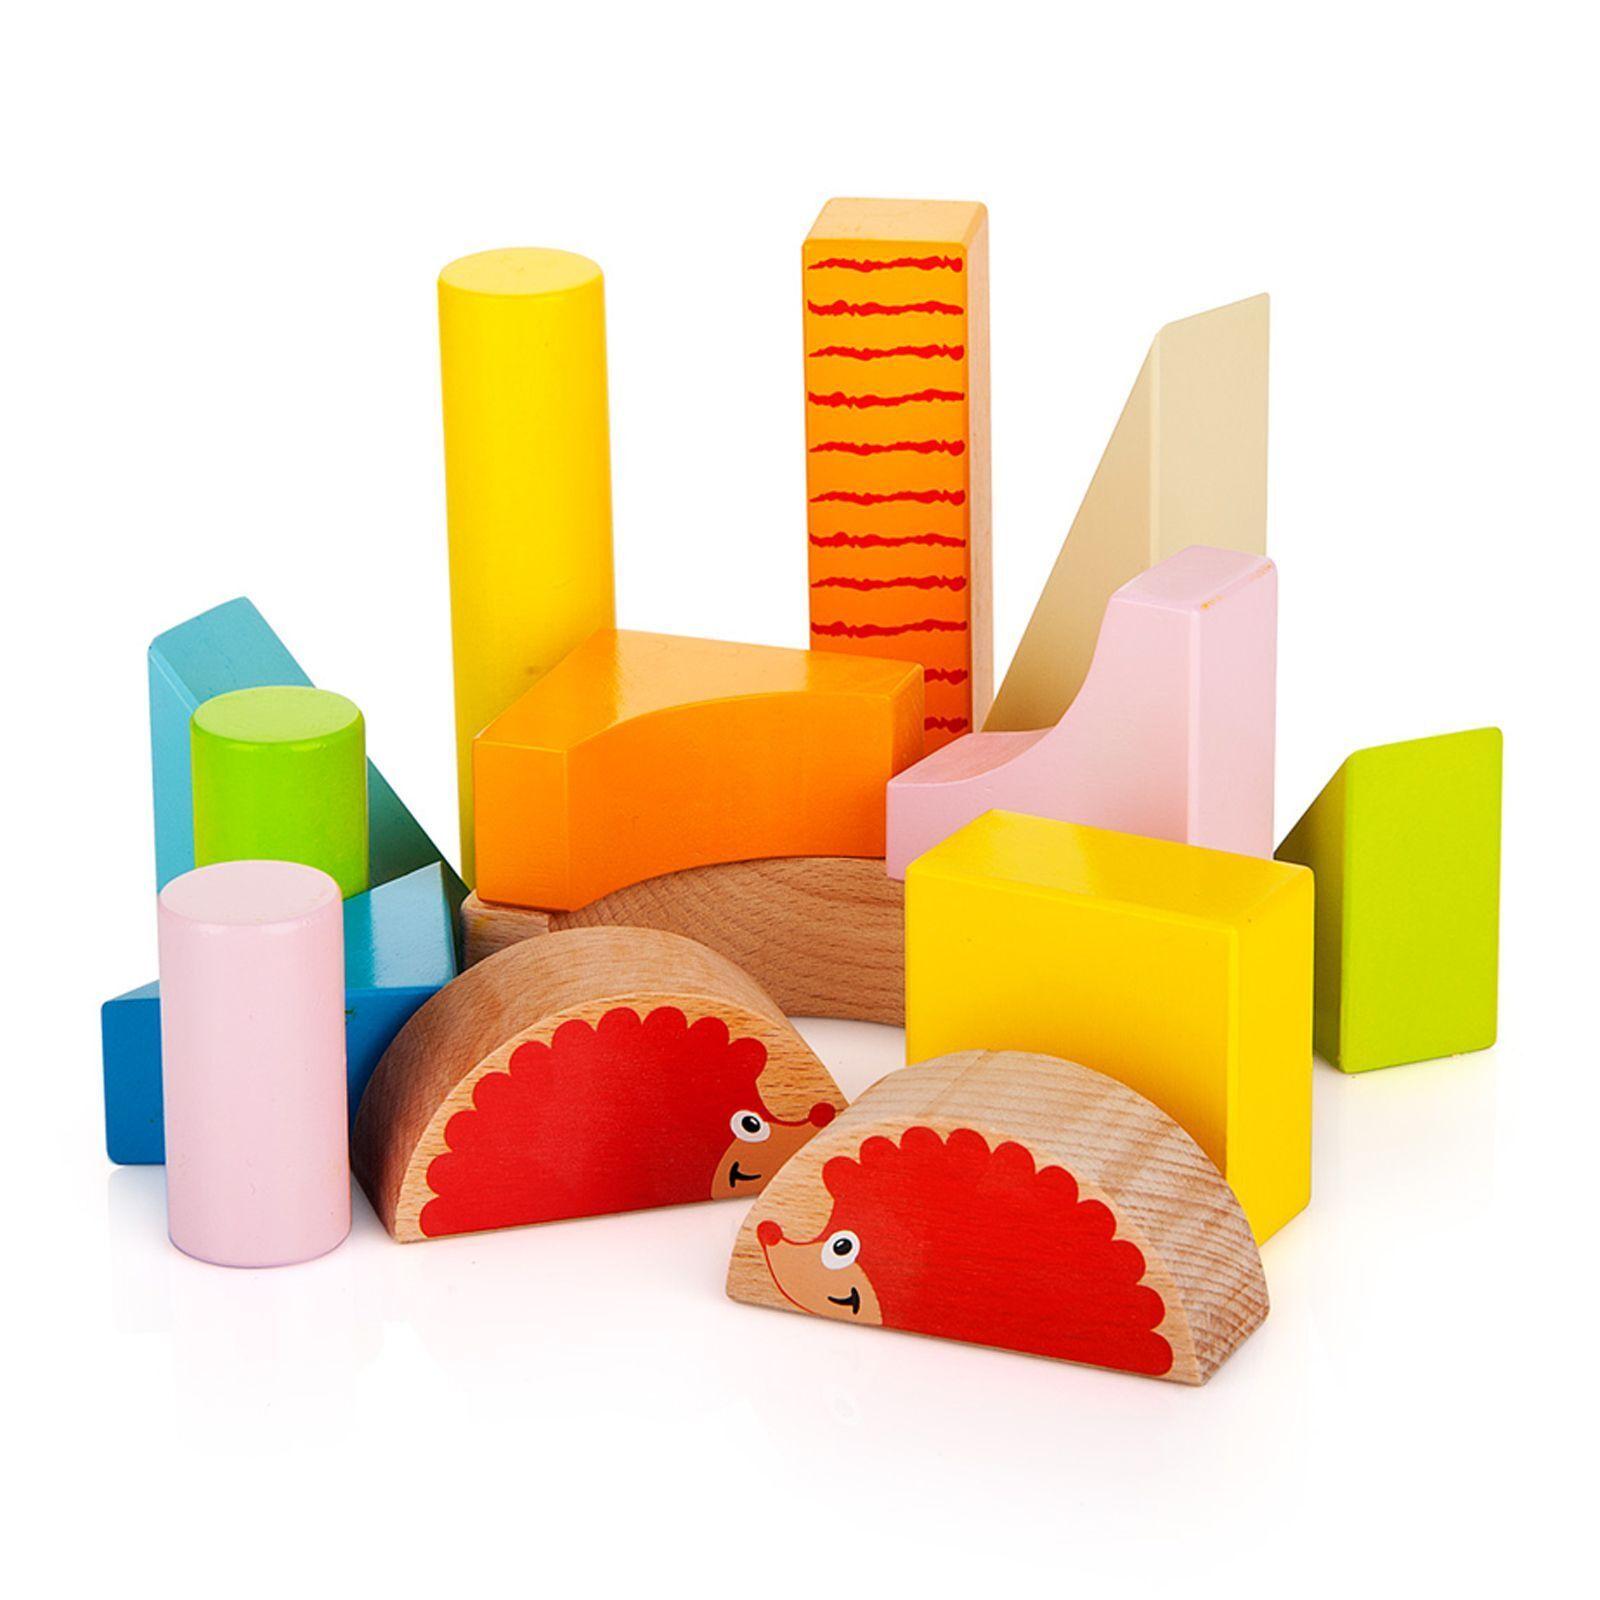 Holz Igel Igel Igel Walker mit Blöcke von Leomark Neue Kinder Spielzeug e53229